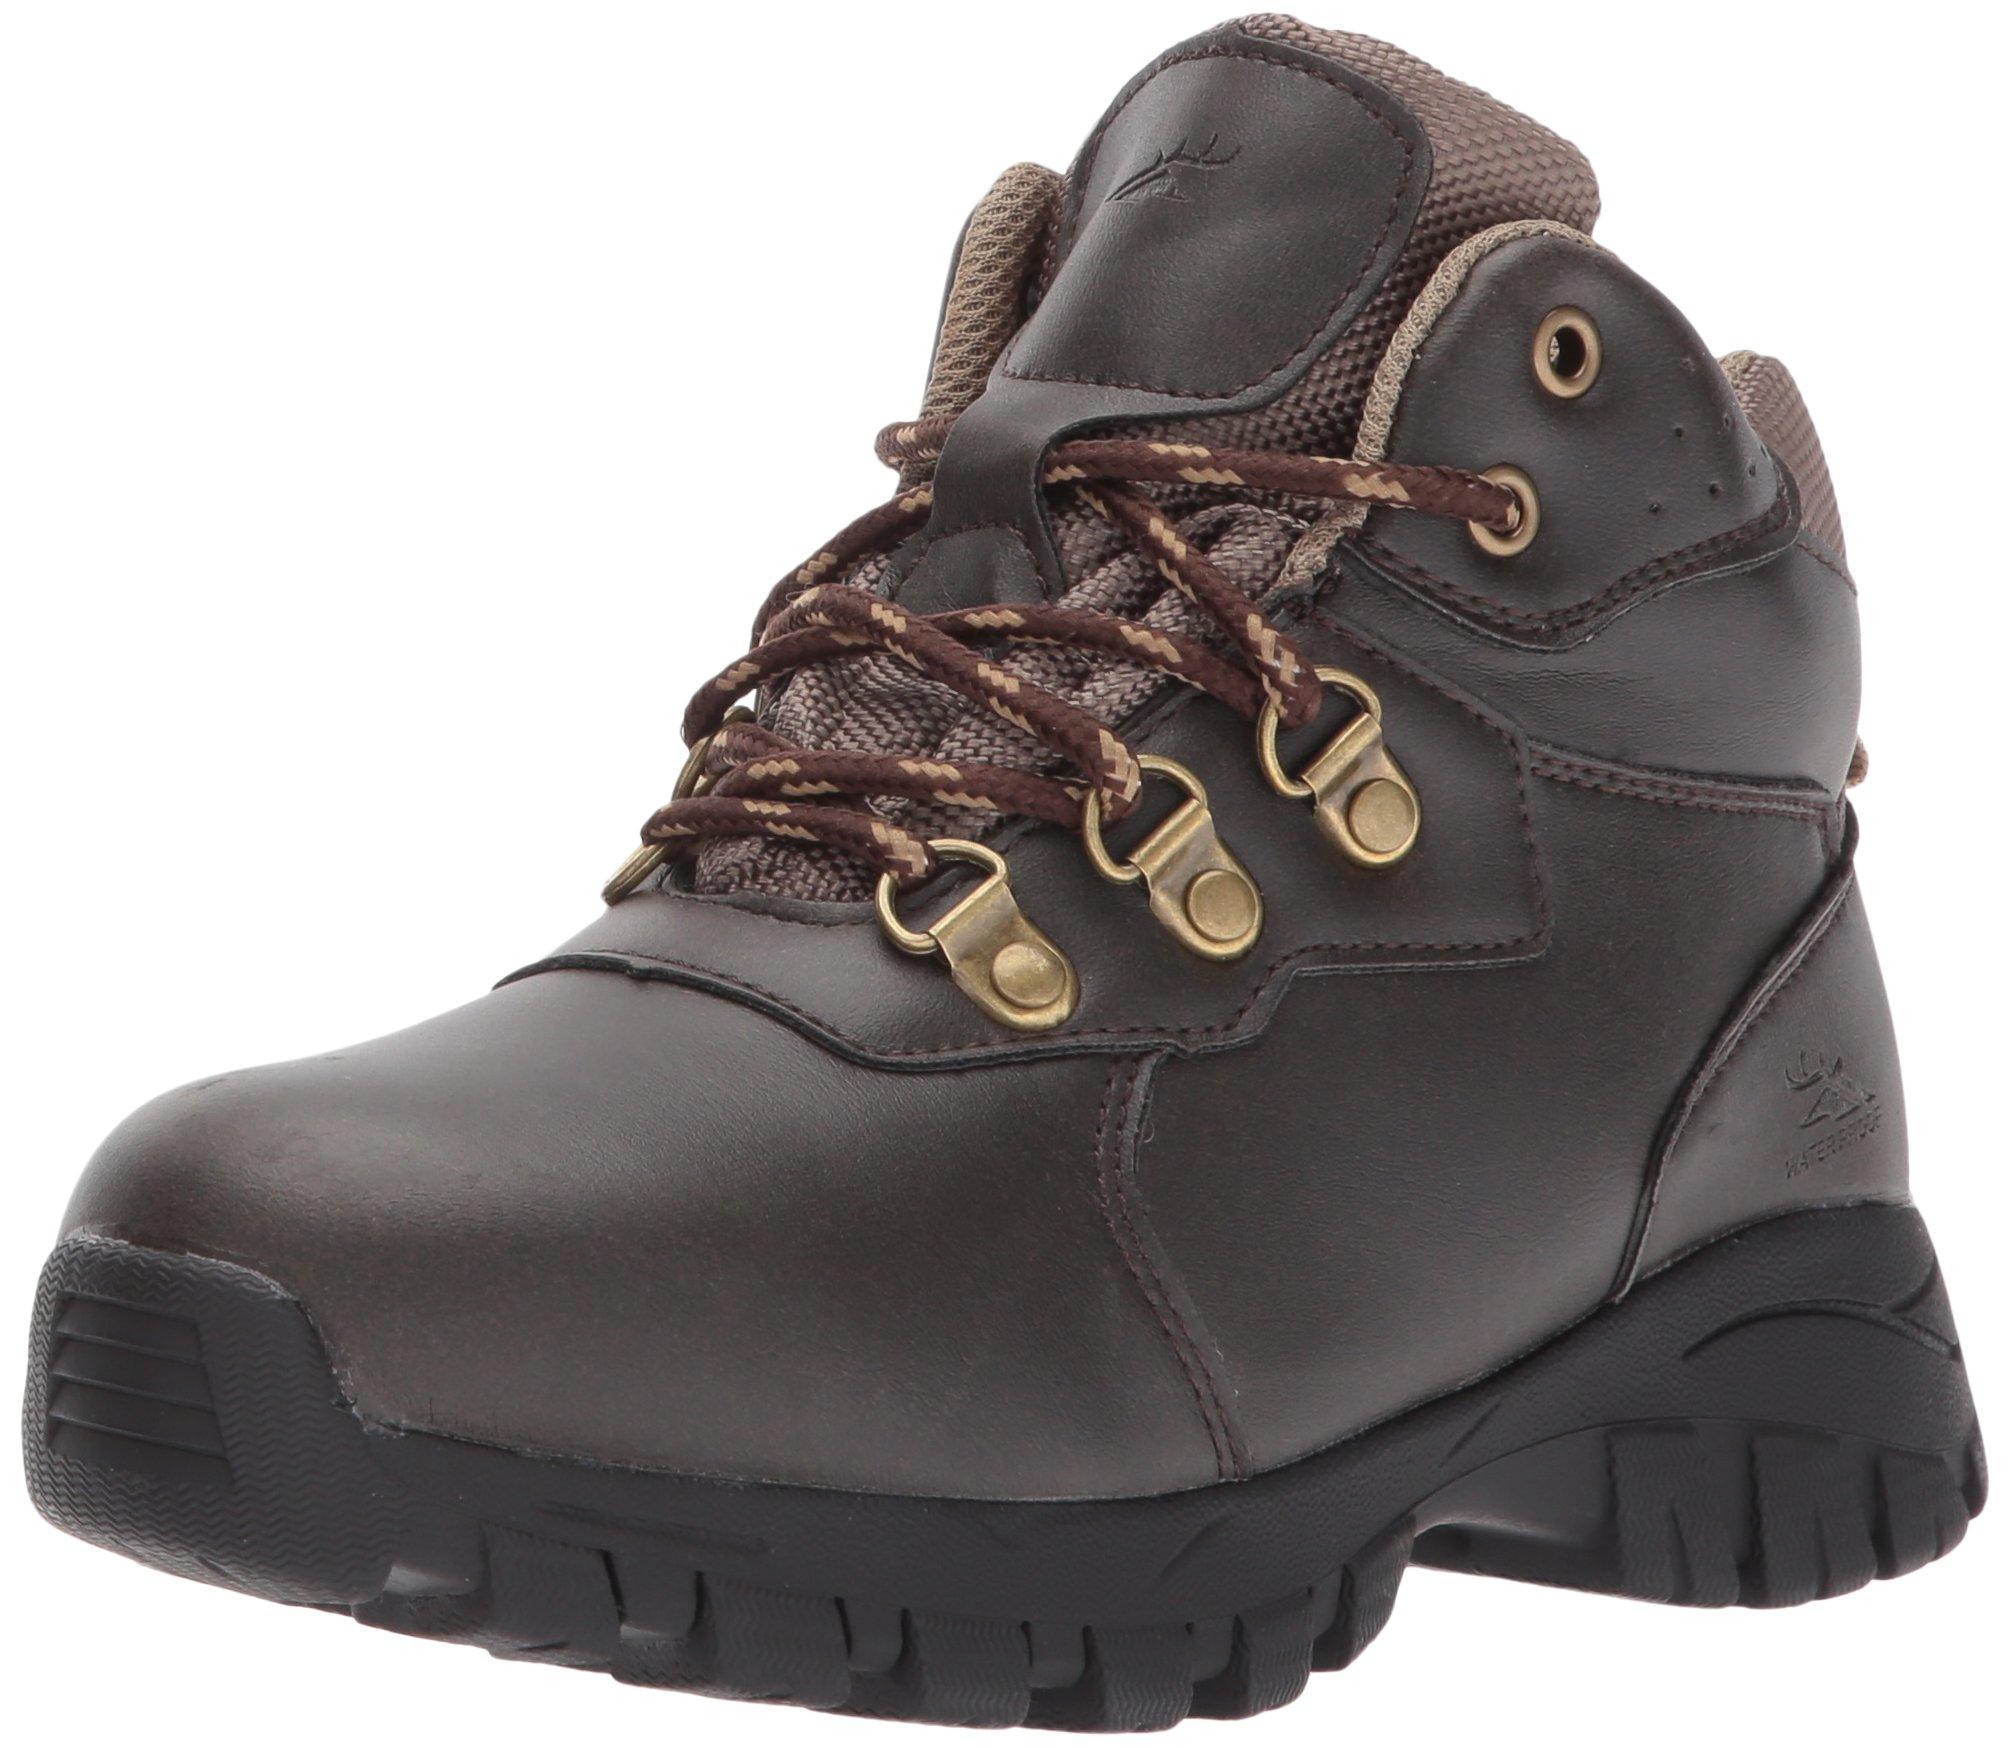 Deer Stags Boys' GORP Hiking Boot, Dark Brown/Taupe, 5 Medium US Big Kid